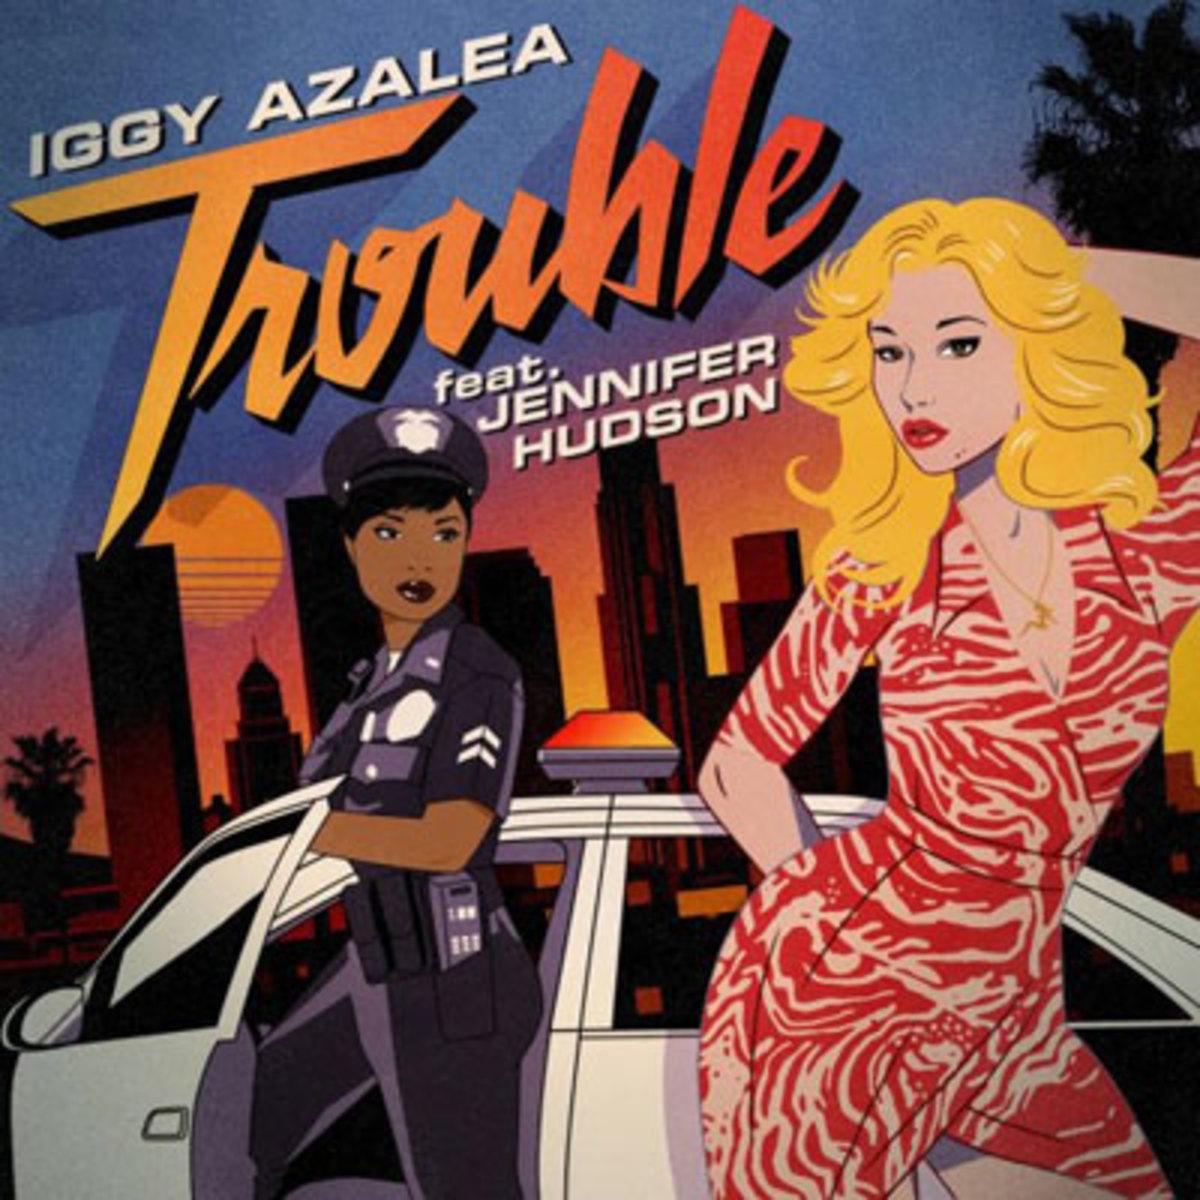 iggyazalea-trouble.jpg